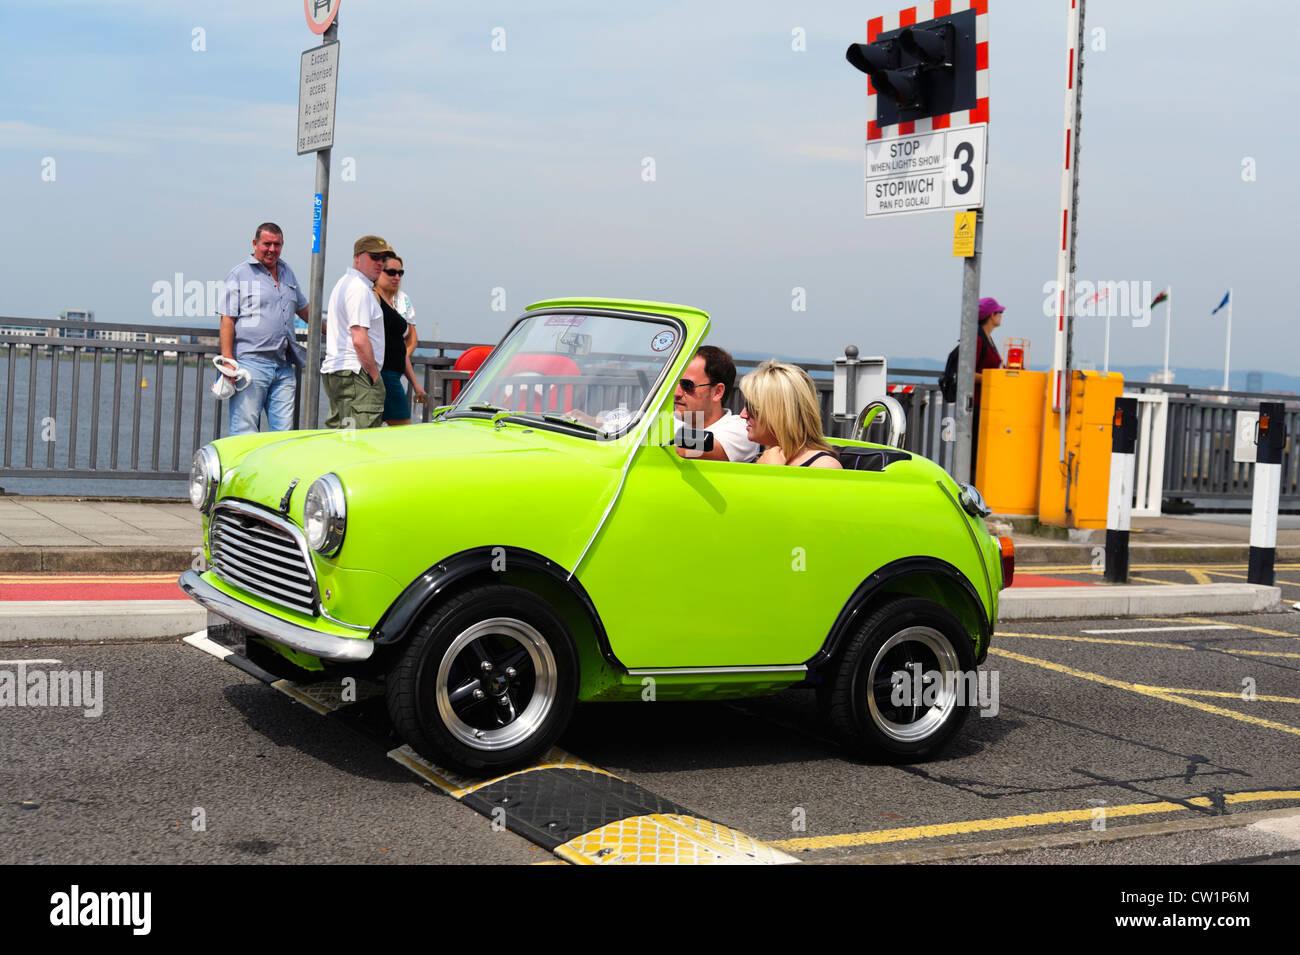 Classic mini car conduire sur un ralentisseur ralentisseur sur le Barrage de la baie de Cardiff, Pays de Galles, Photo Stock